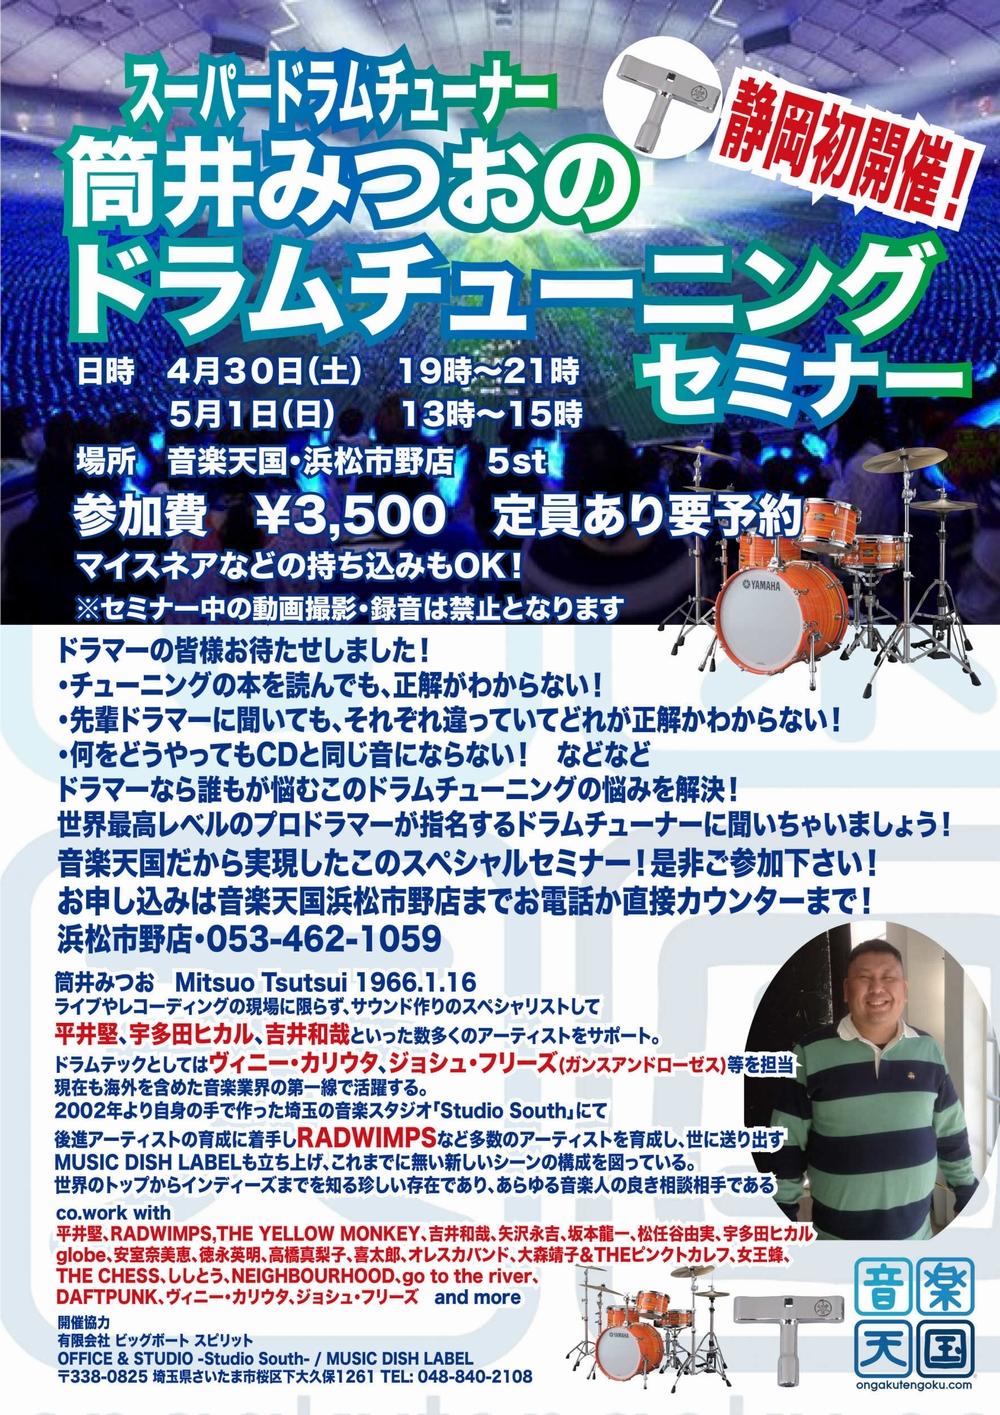 【セミナー】筒井みつおの・ドラムチューニングセミナー@浜松市野店4/30・5/1静岡県初開催